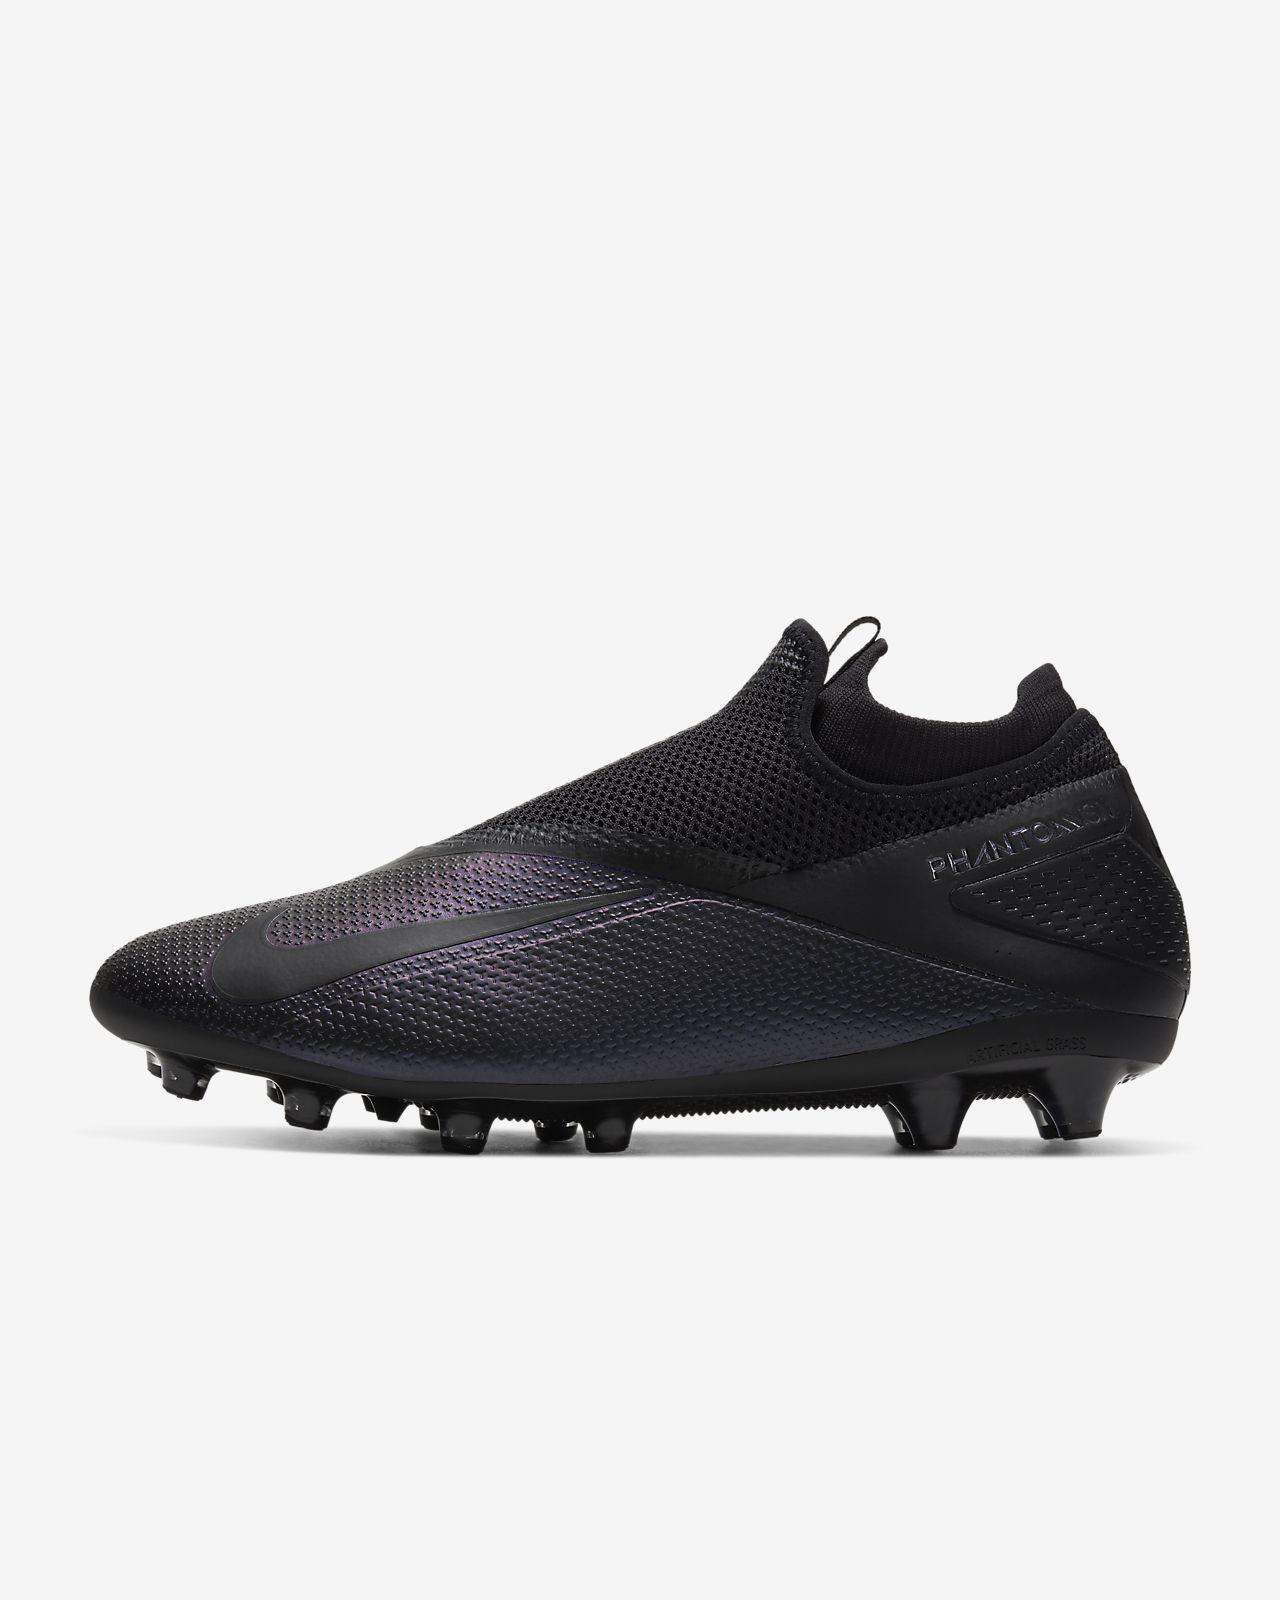 Nike Phantom Vision 2 Pro Dynamic Fit AG PRO Fußballschuh für Kunstrasen